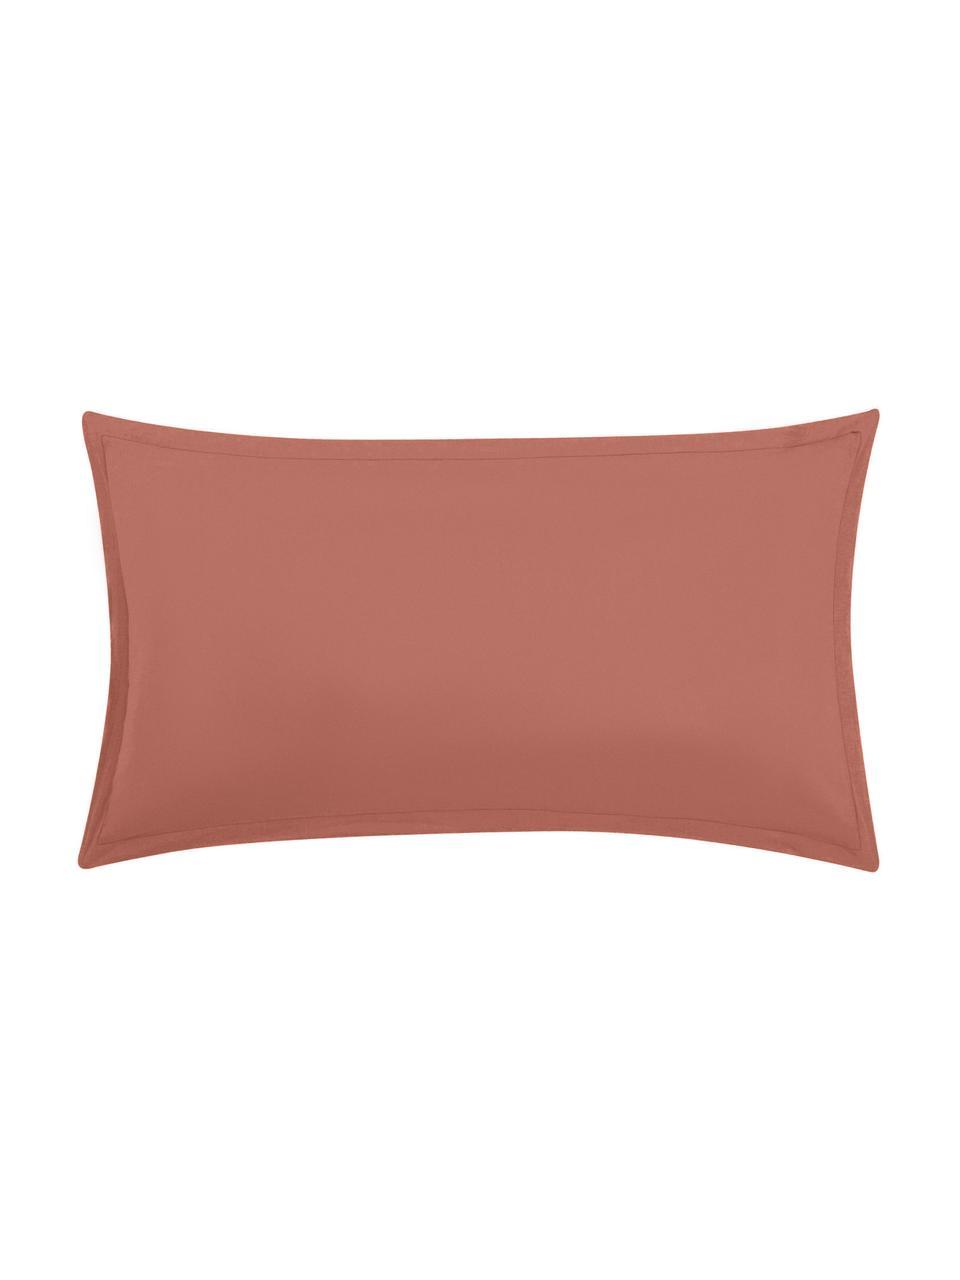 Gewaschene Leinen-Kopfkissenbezüge Nature in Terrakotta, 2 Stück, Halbleinen (52% Leinen, 48% Baumwolle)  Fadendichte 108 TC, Standard Qualität  Halbleinen hat von Natur aus einen kernigen Griff und einen natürlichen Knitterlook, der durch den Stonewash-Effekt verstärkt wird. Es absorbiert bis zu 35% Luftfeuchtigkeit, trocknet sehr schnell und wirkt in Sommernächten angenehm kühlend. Die hohe Reißfestigkeit macht Halbleinen scheuerfest und strapazierfähig., Terrakotta, 40 x 80 cm